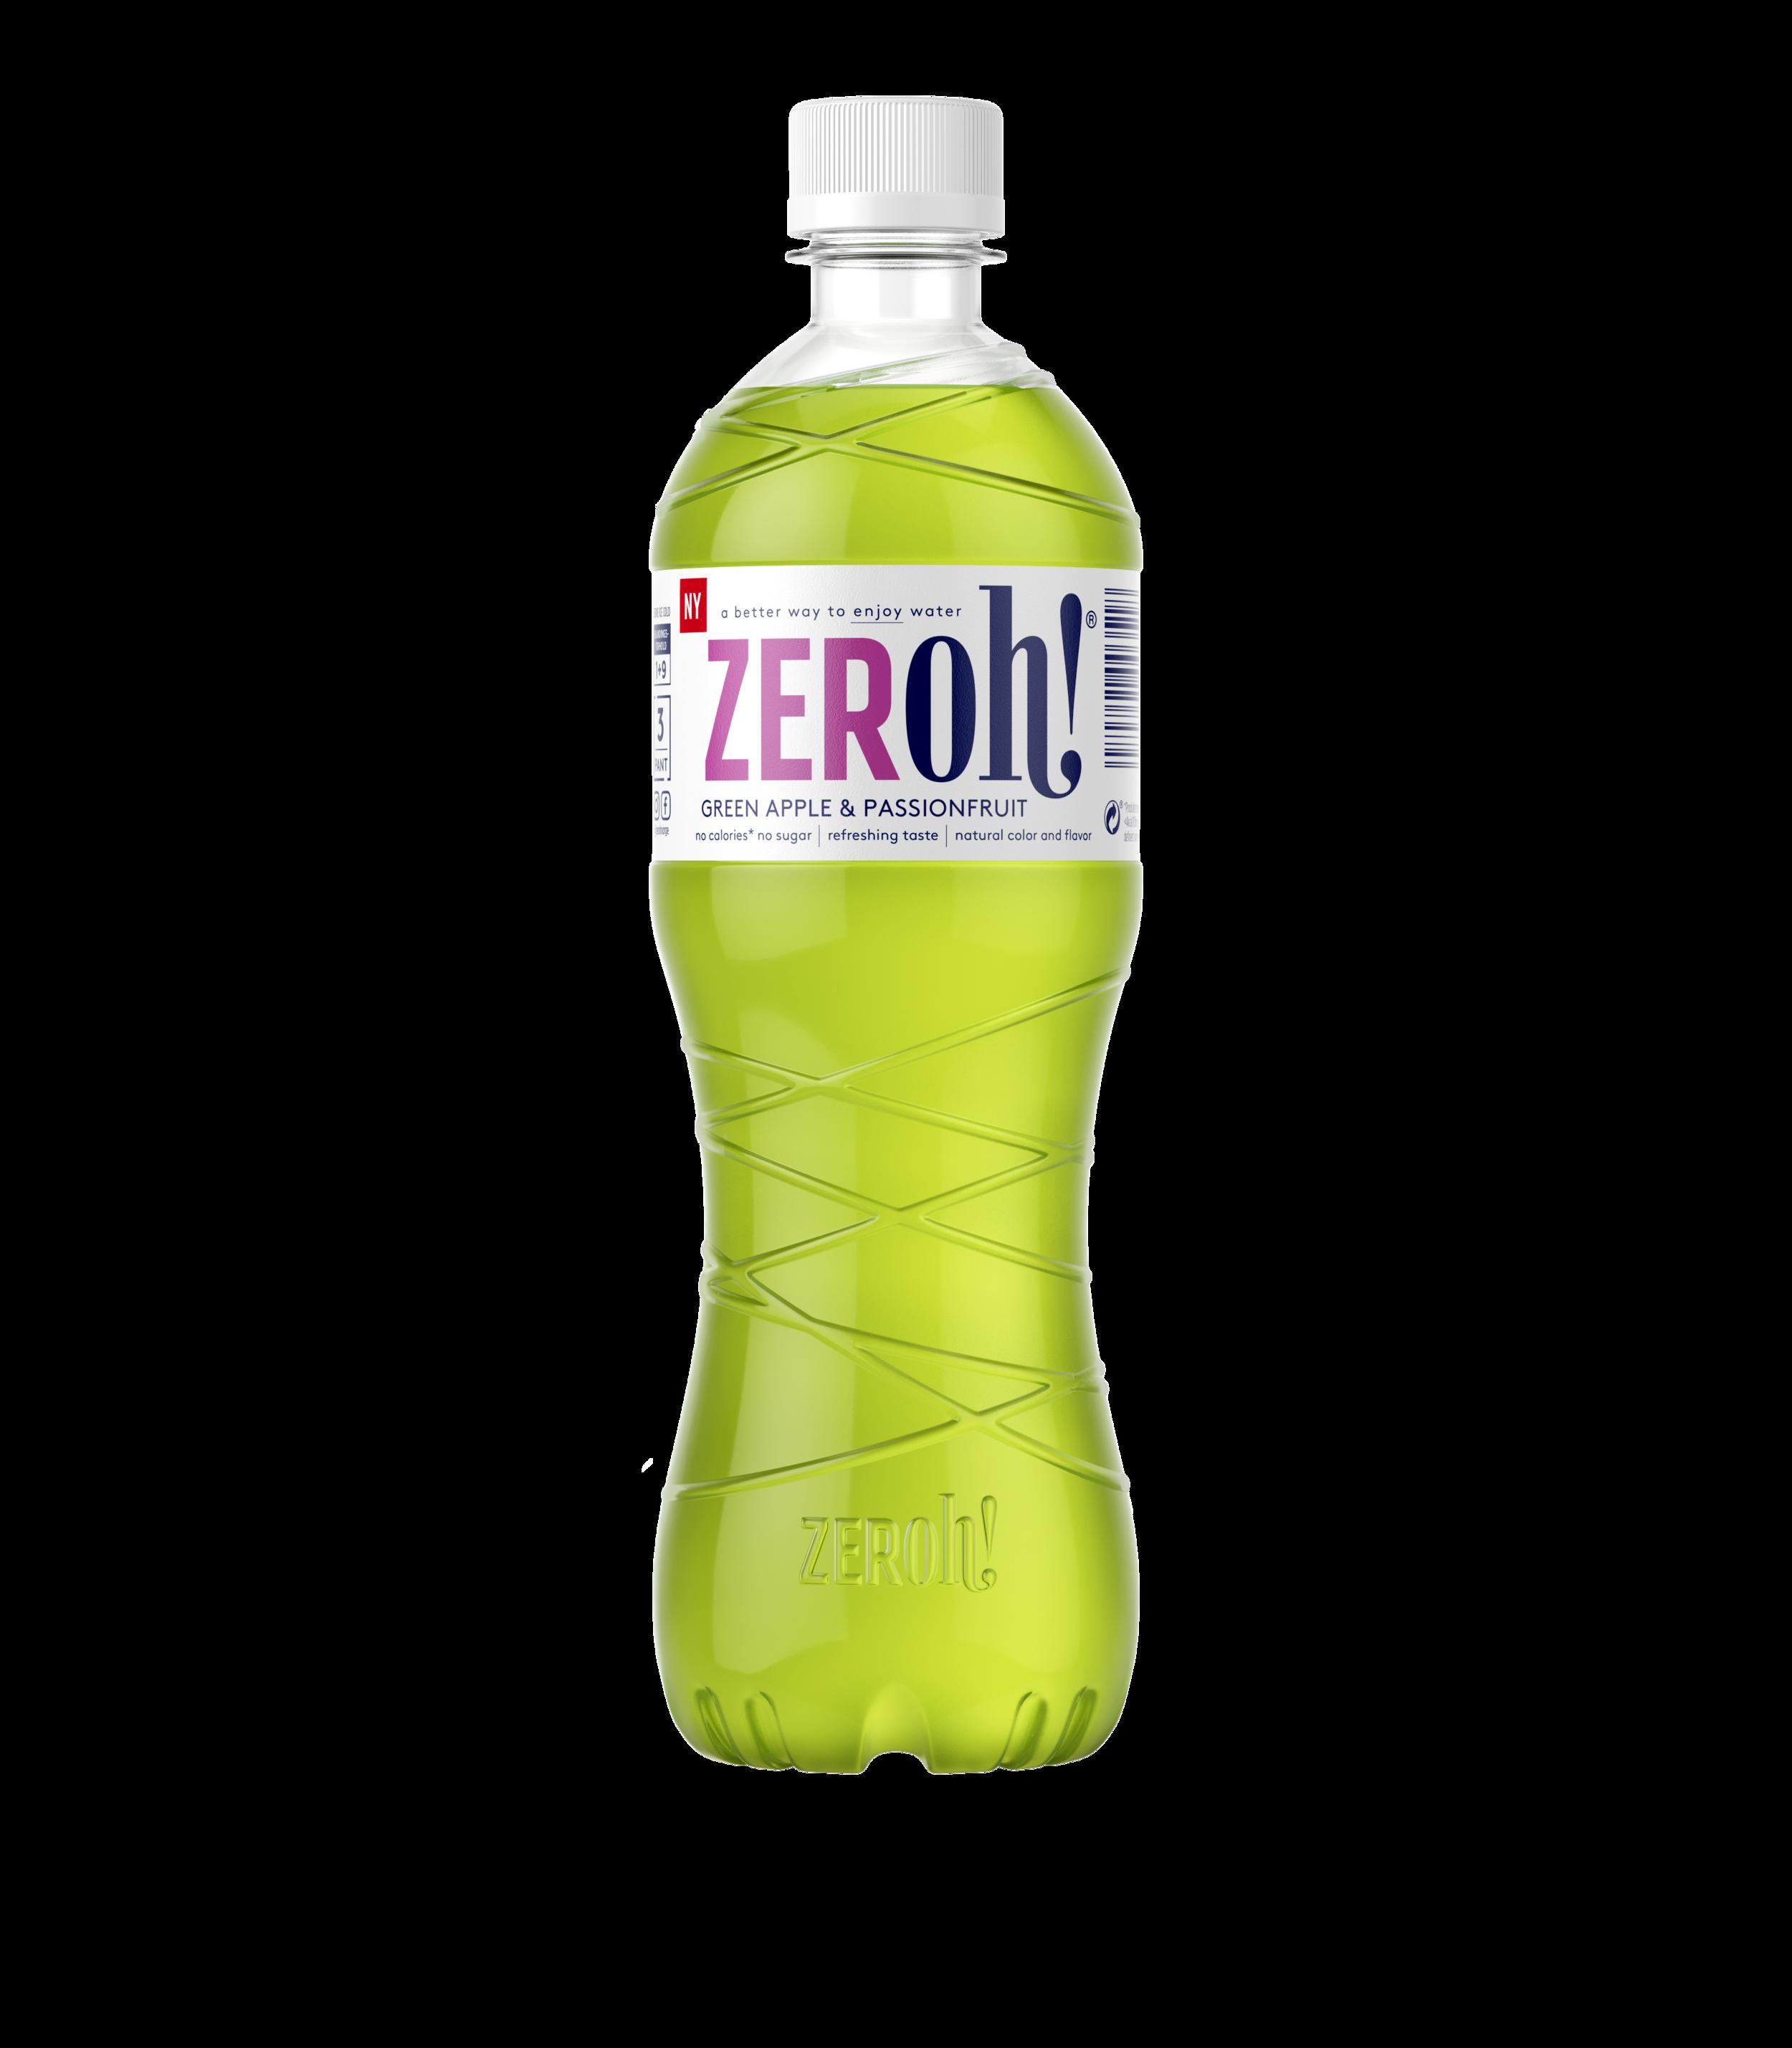 ZERoh! Green Apple & Passionfruit 2019 3D transparent.png